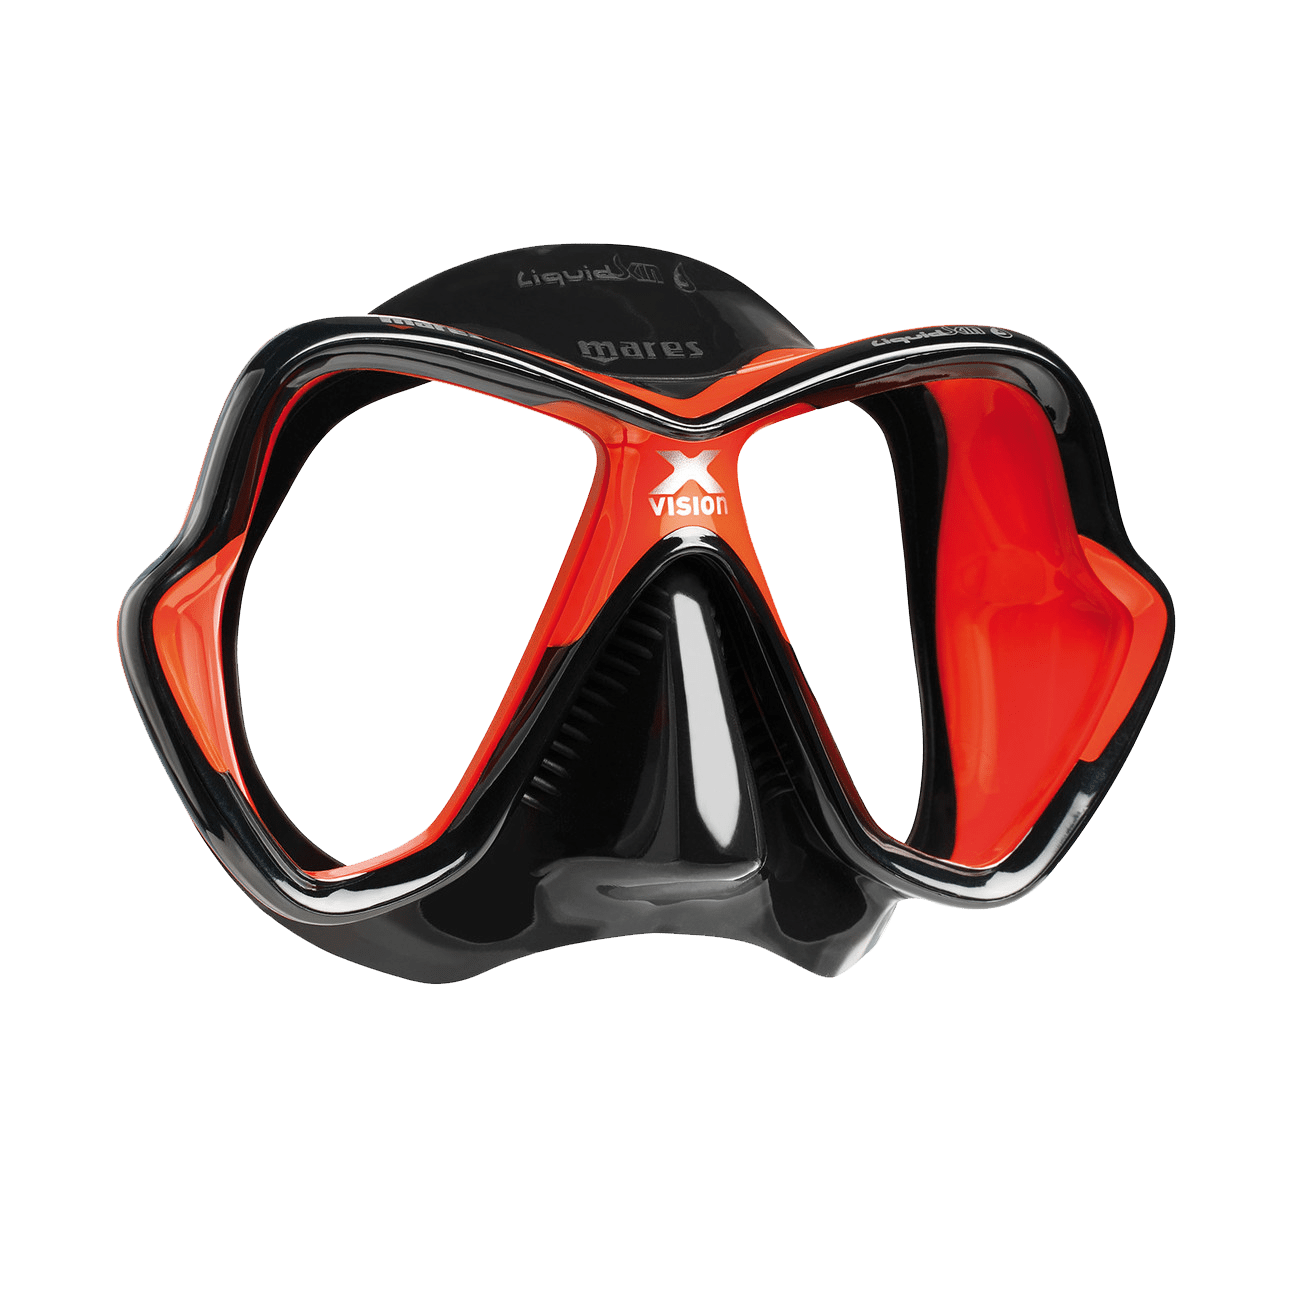 Mares X-Vision Ultra Liquidskin Mask | Mares Masks | Mares Singapore